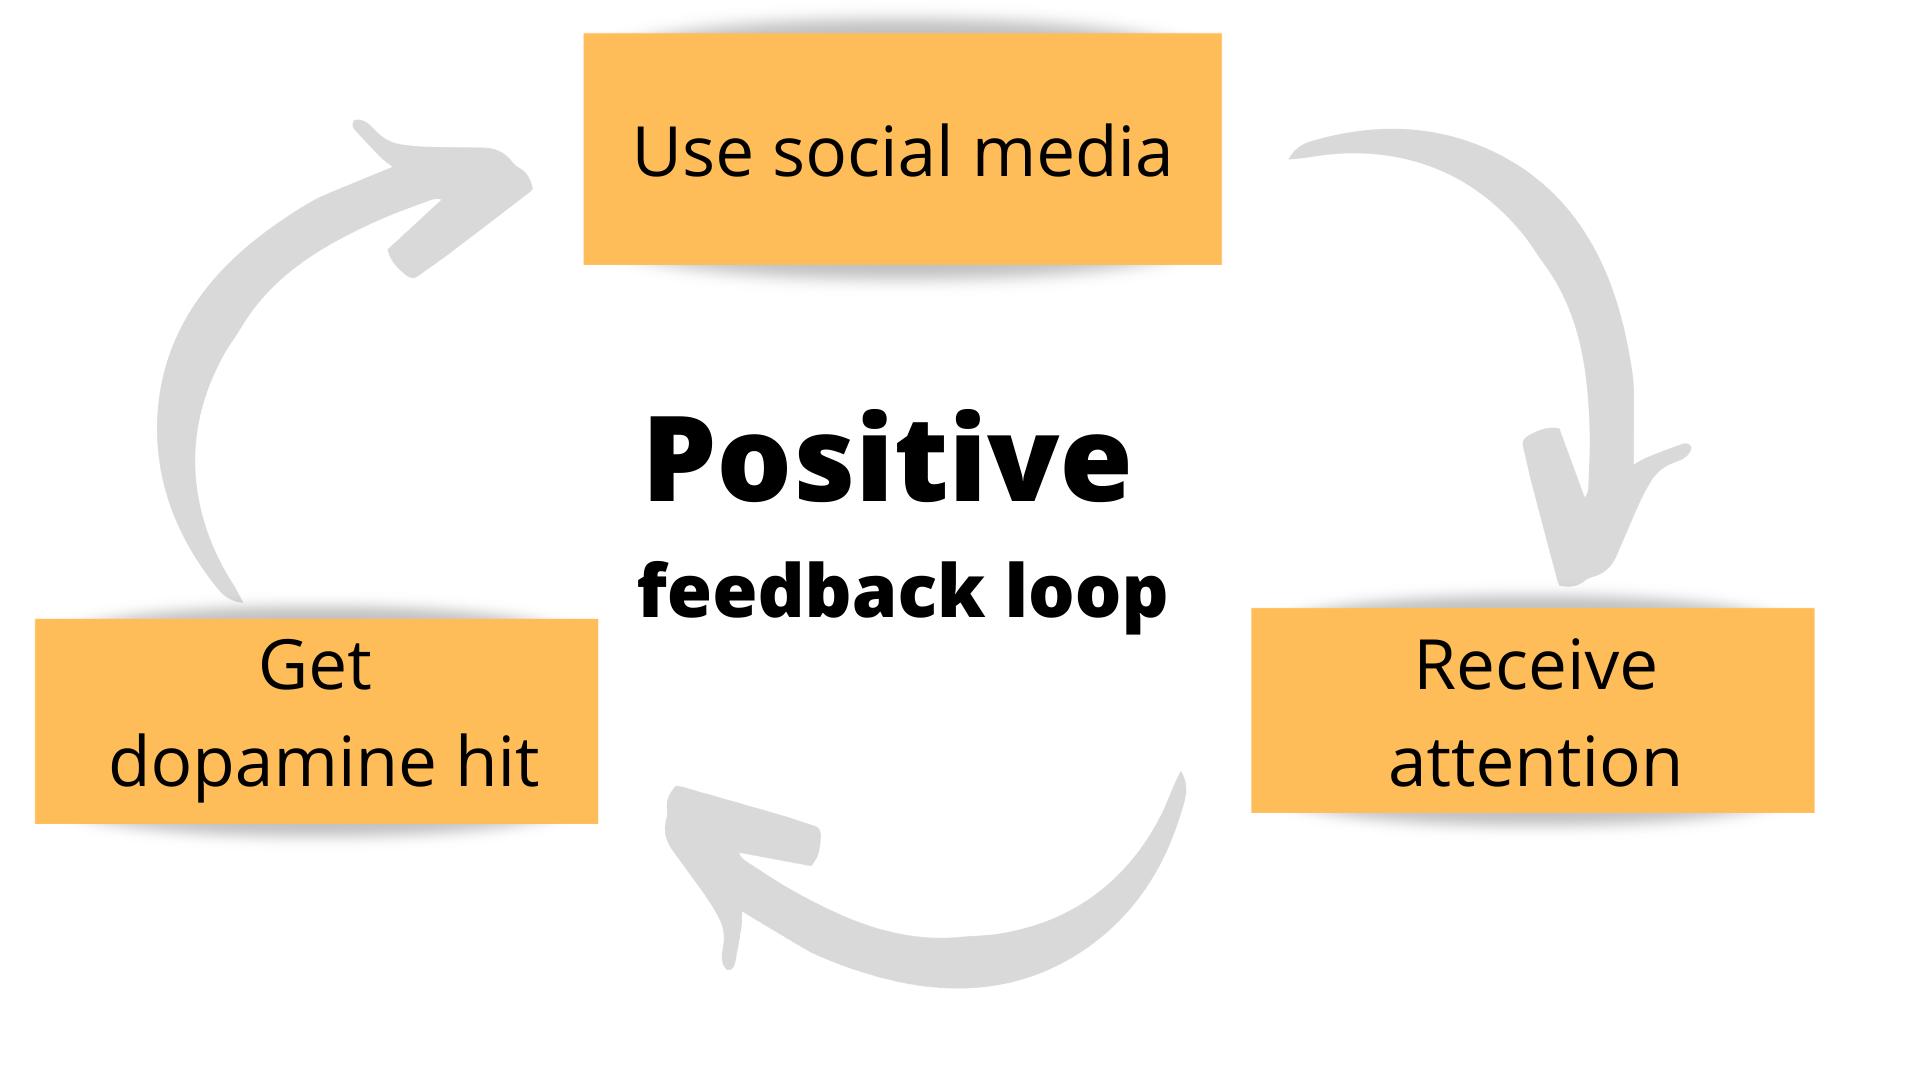 social media positive feedback loop diagram